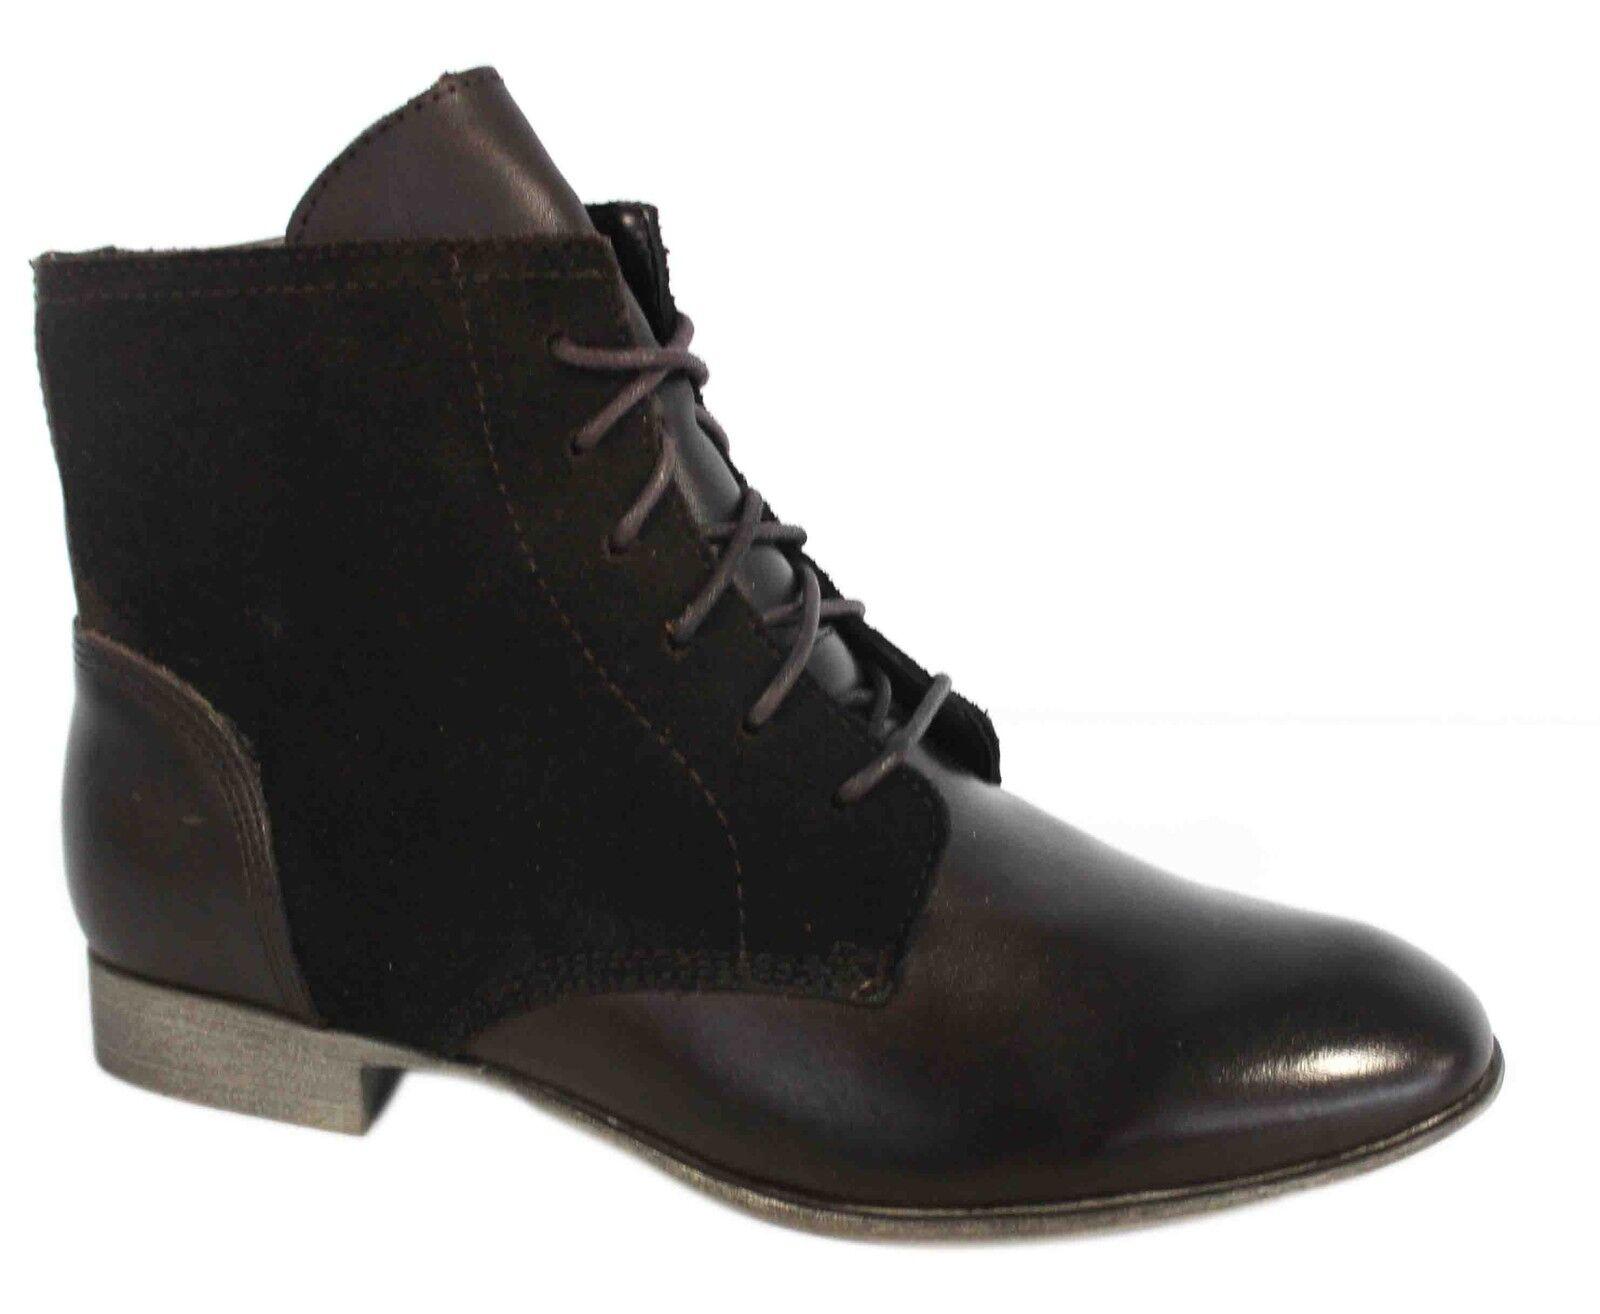 Hush Puppies Farland Ankle Leder Dark Braun H506631 Stiefel Schuhes Damenschuhe H506631 Braun U98 f4d8c6